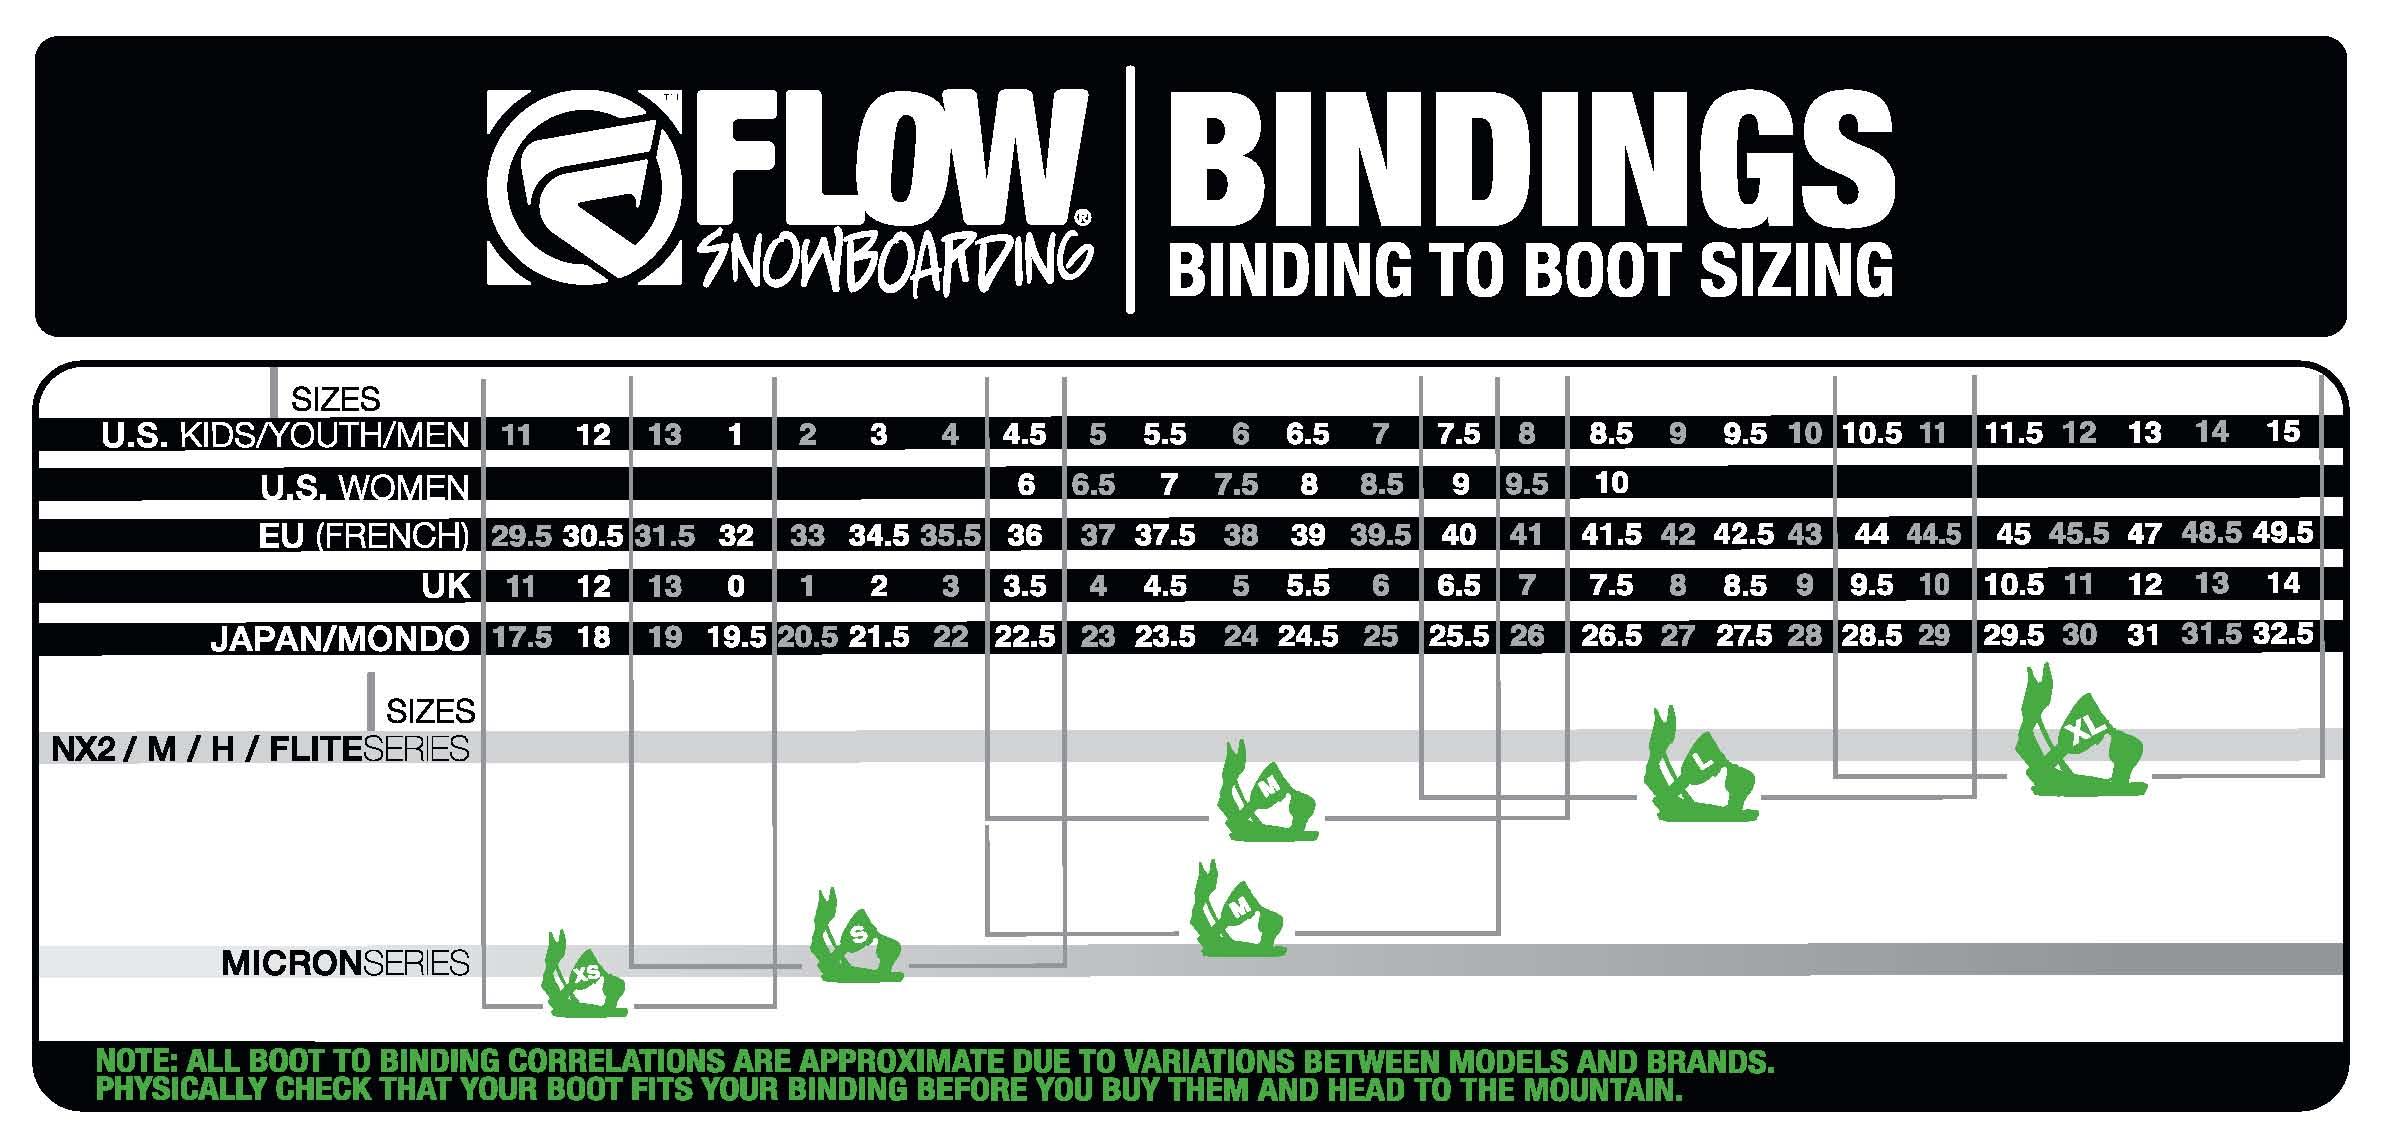 Таблица соответствия размеров сноубордических ботинок Flow